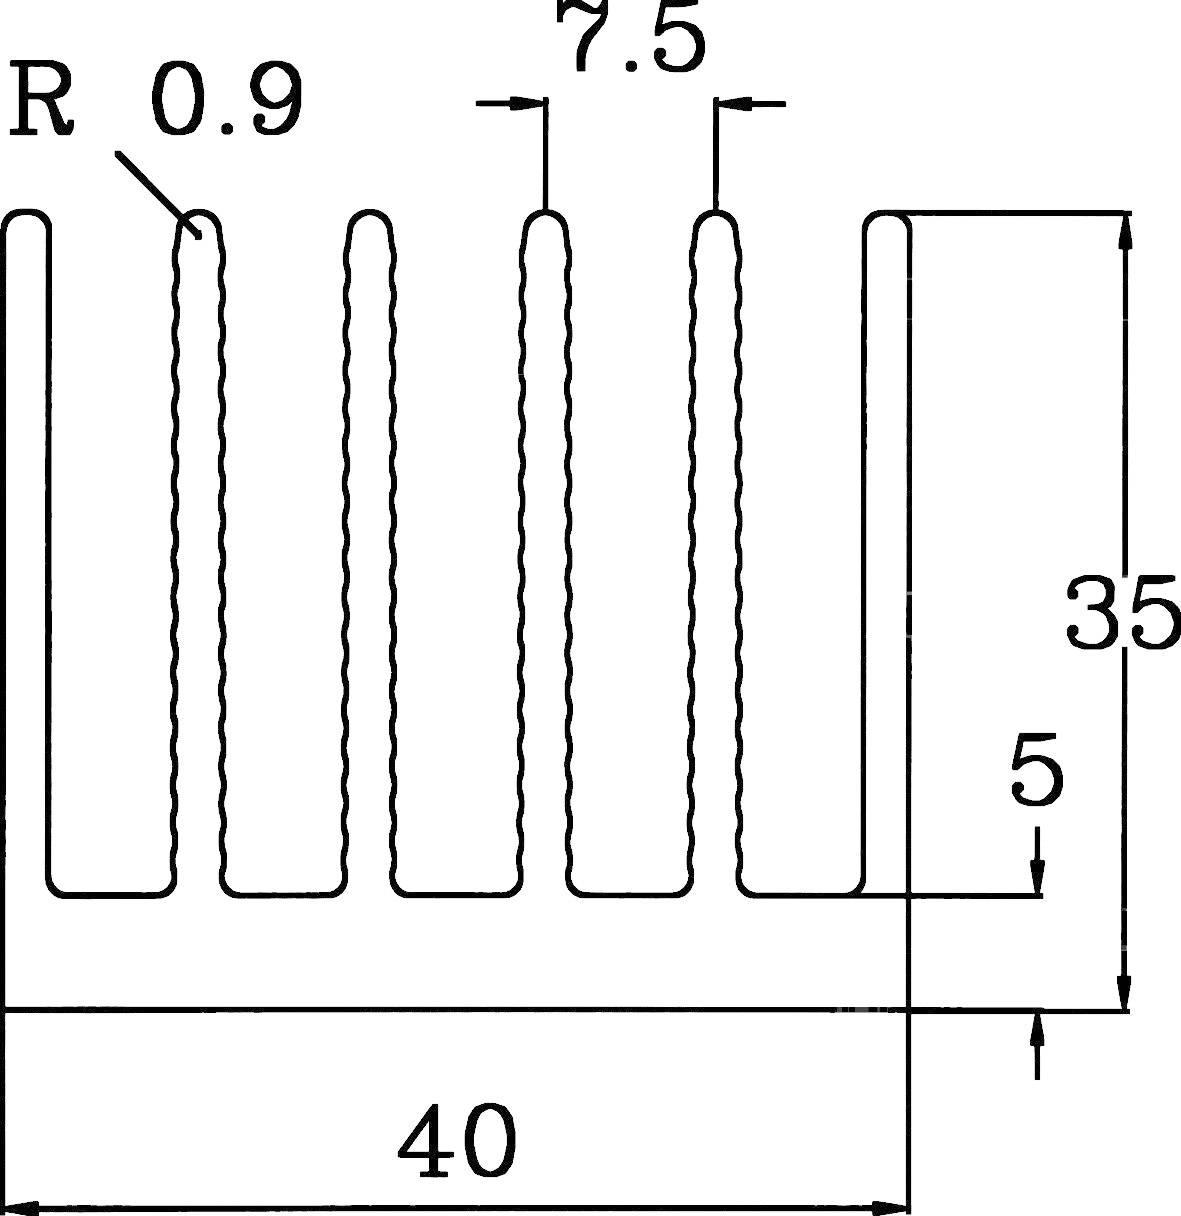 Profilový chladič Pada Engineering 8310/200/N, 40 x 35 x 200 mm, 2,33 K/W